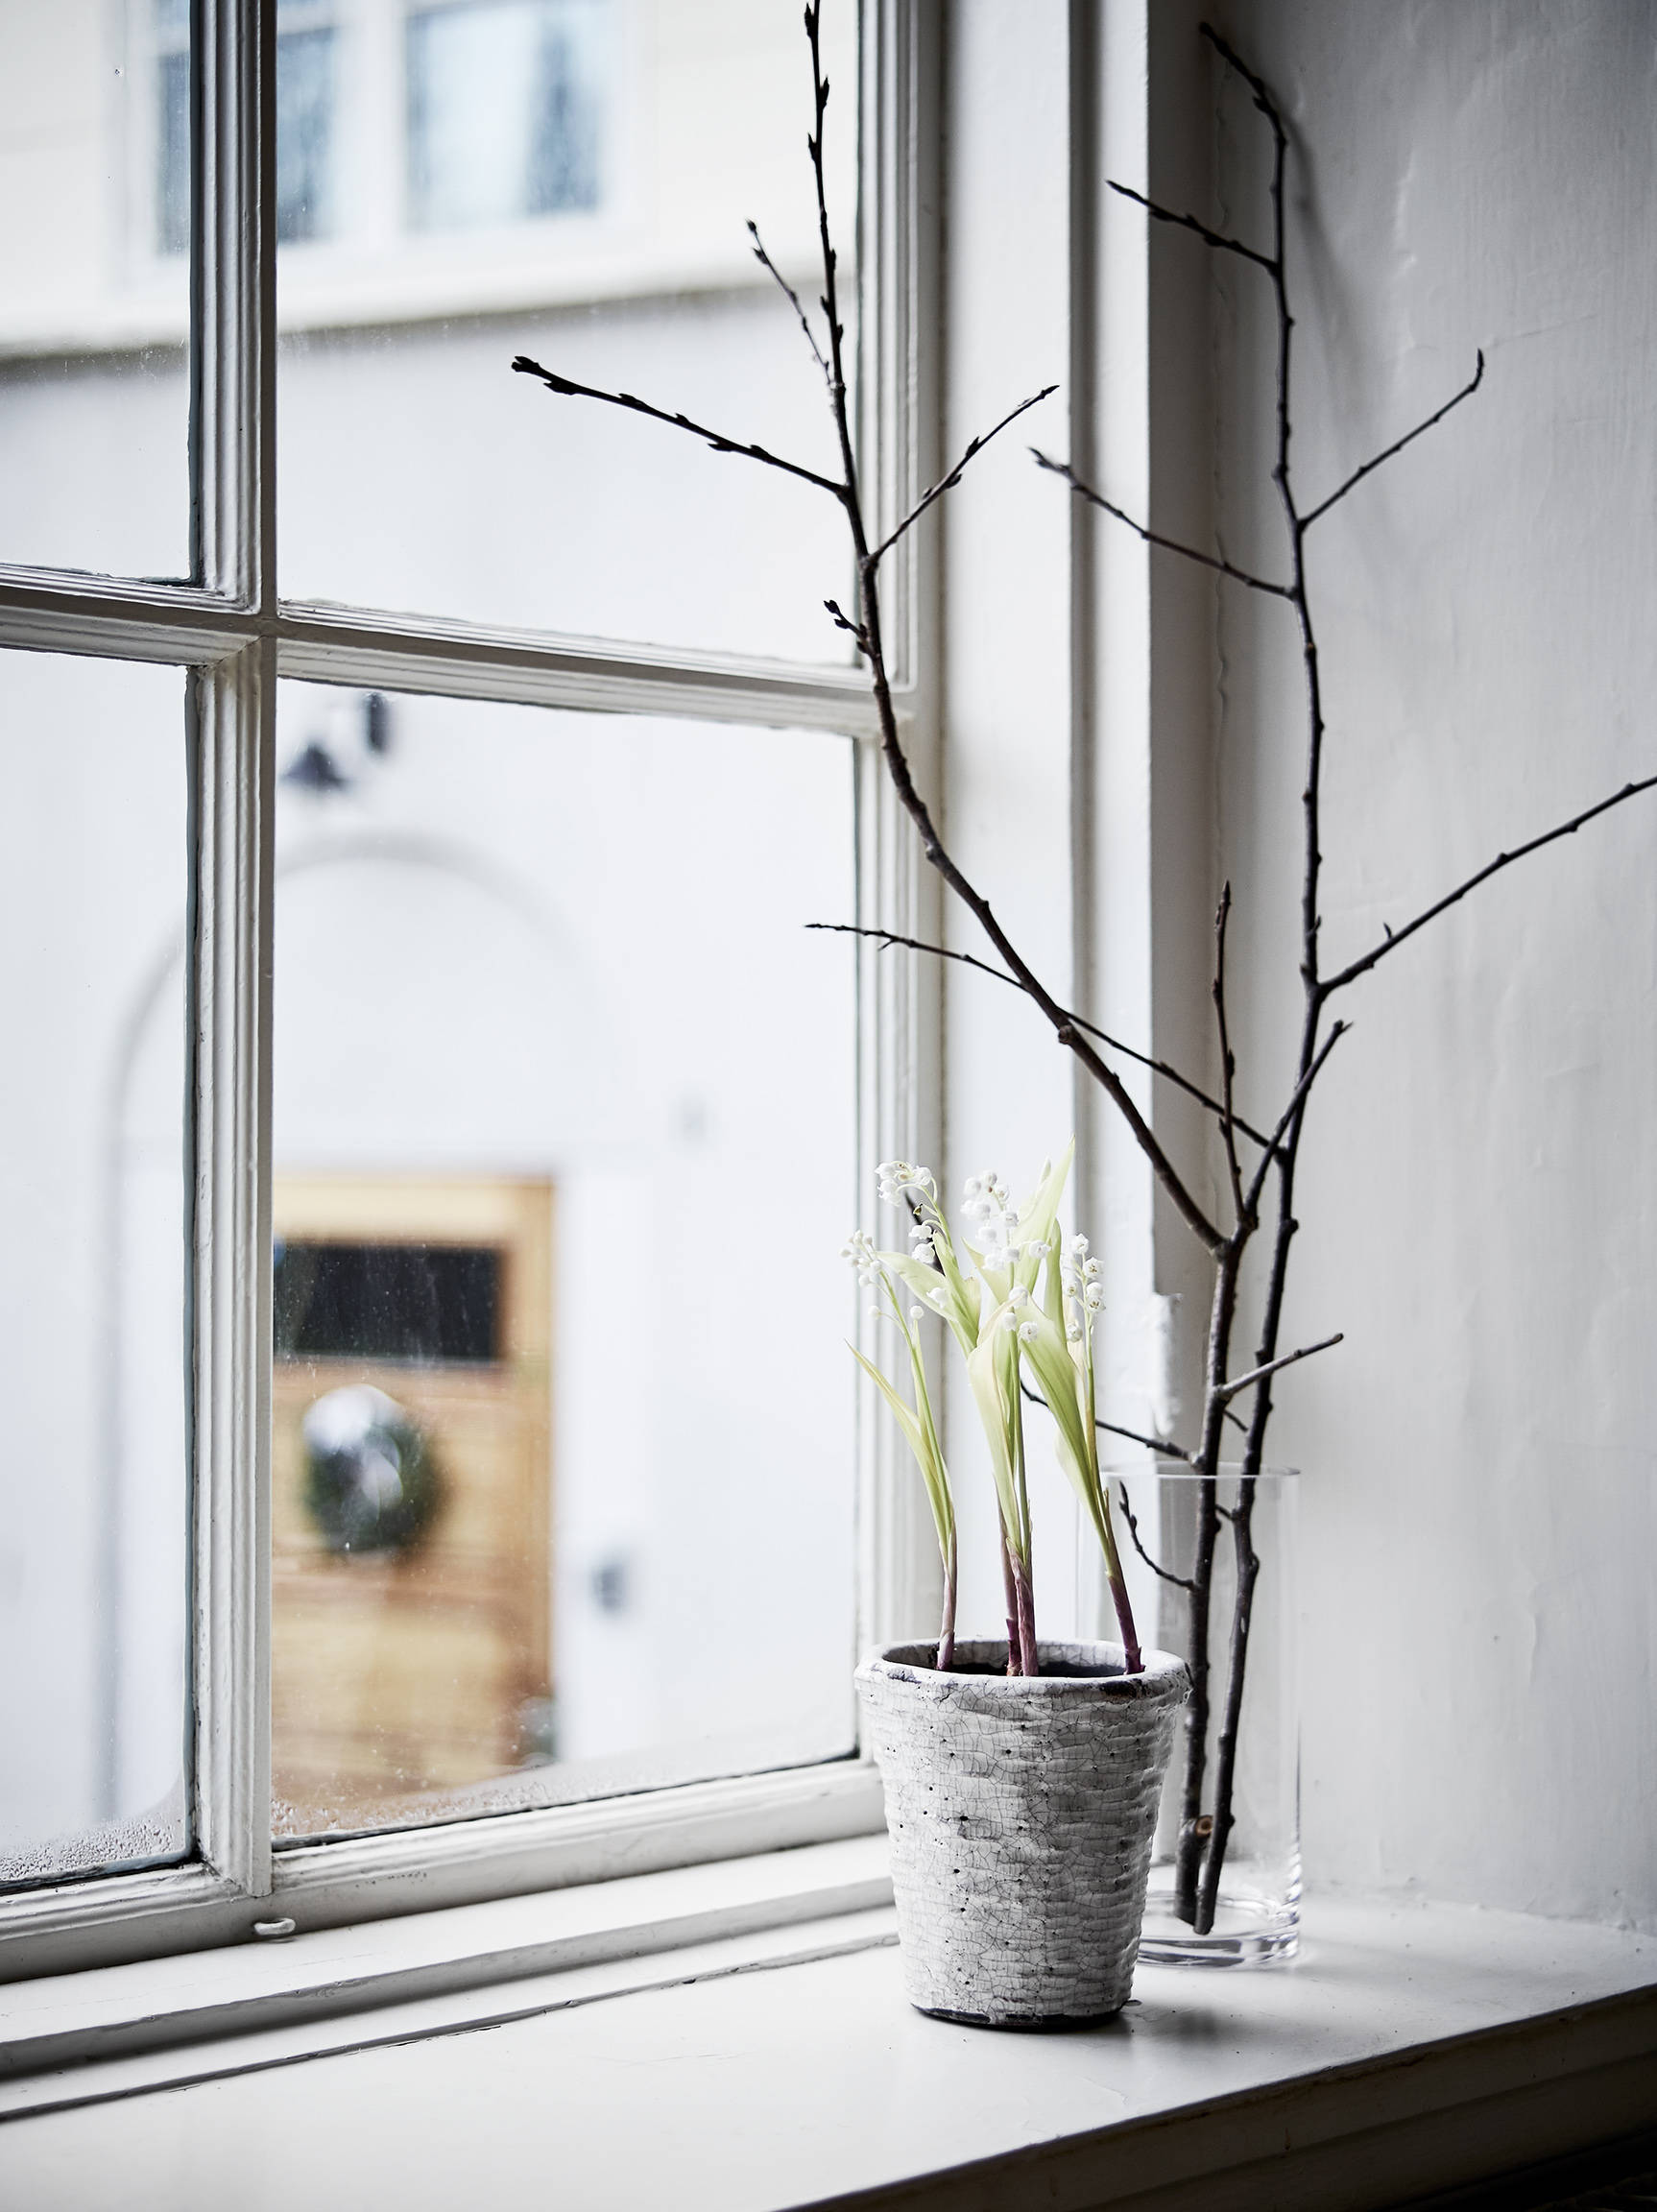 ambiance_simple_pot_fenêtre